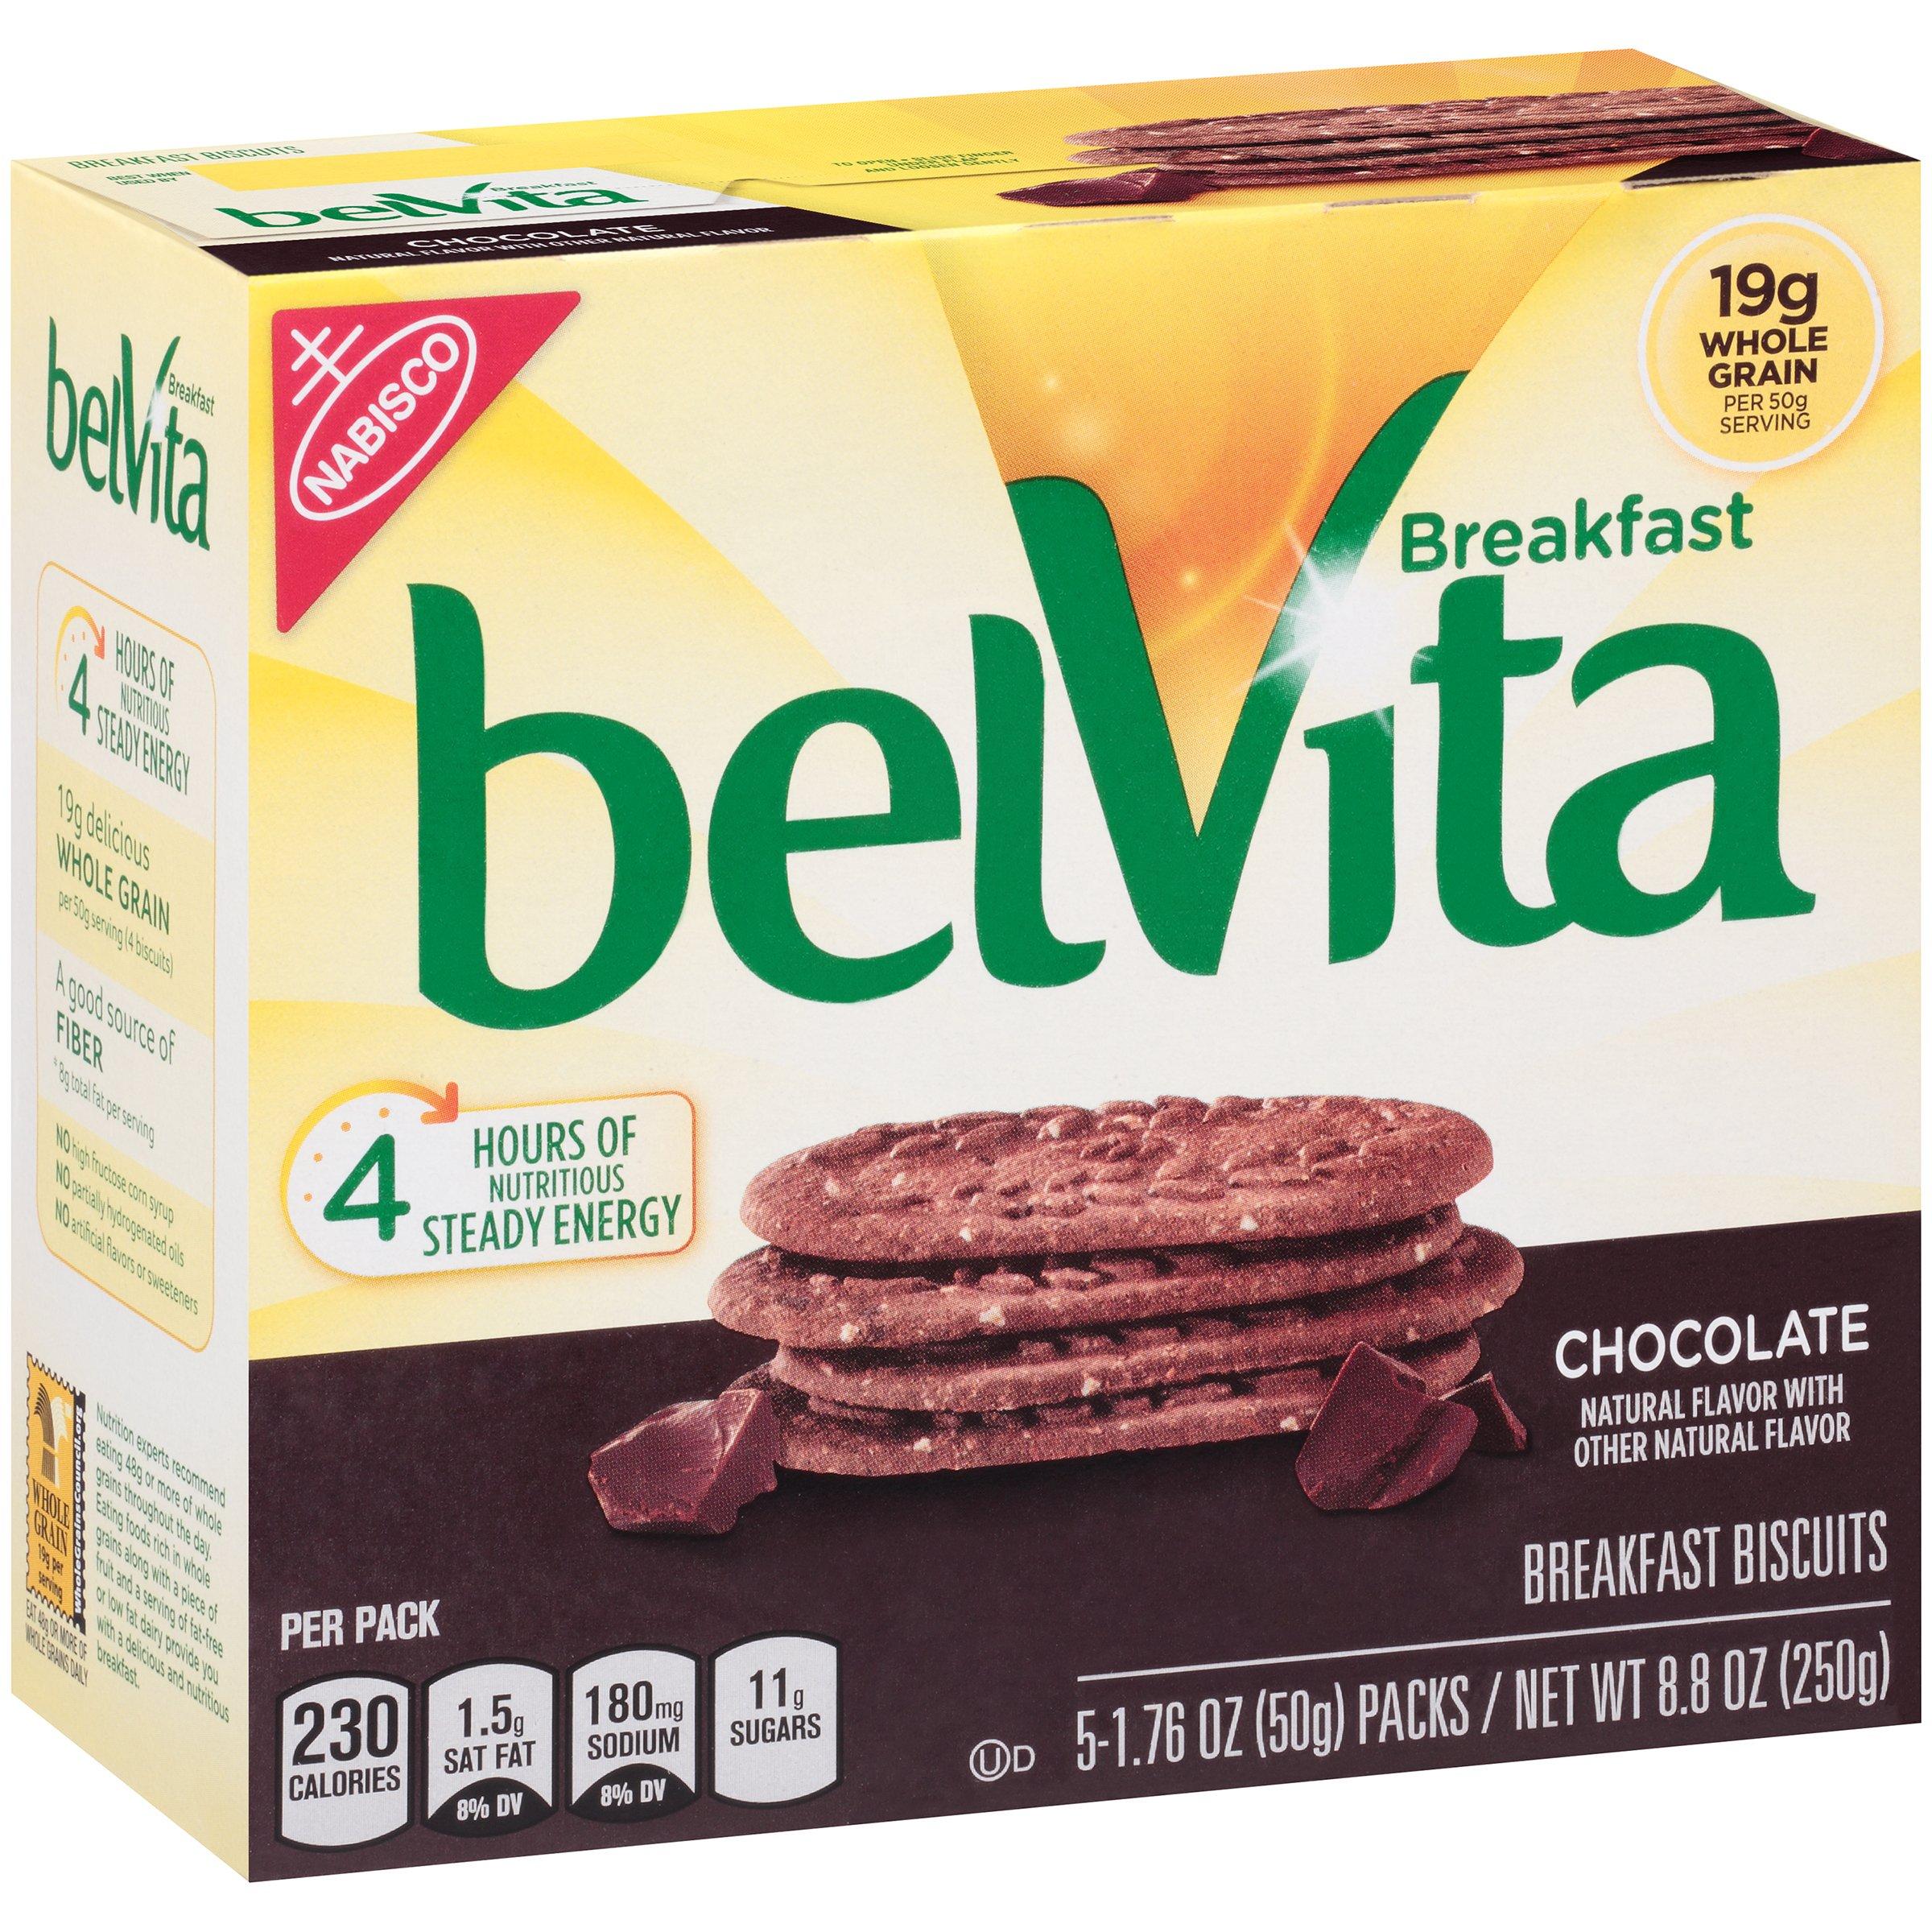 belVita Breakfast Biscuits Chocolate, 1.76 oz, 5 Count